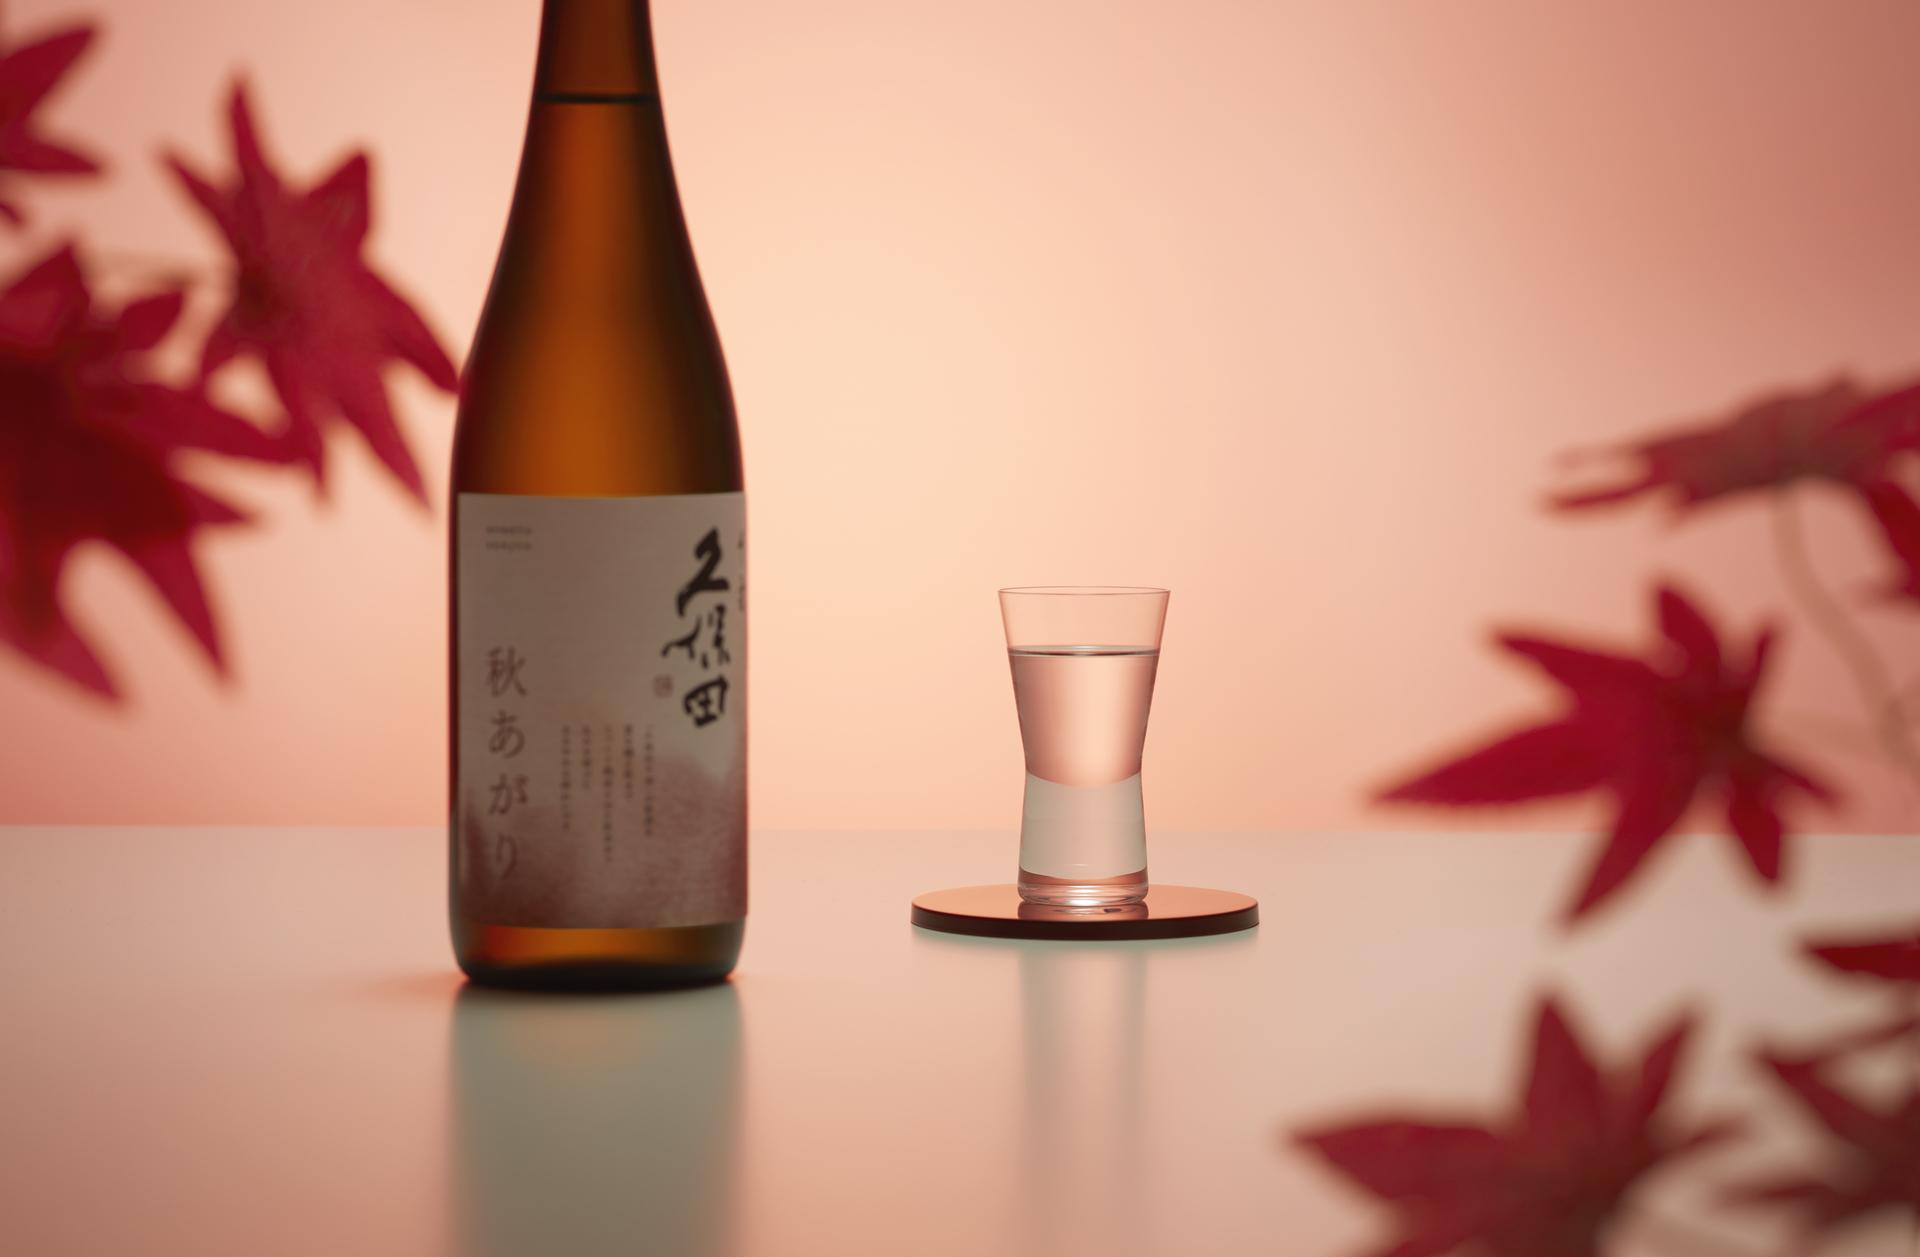 「秋あがり」は秋が旬の日本酒?おすすめの楽しみ方や限定銘柄も紹介